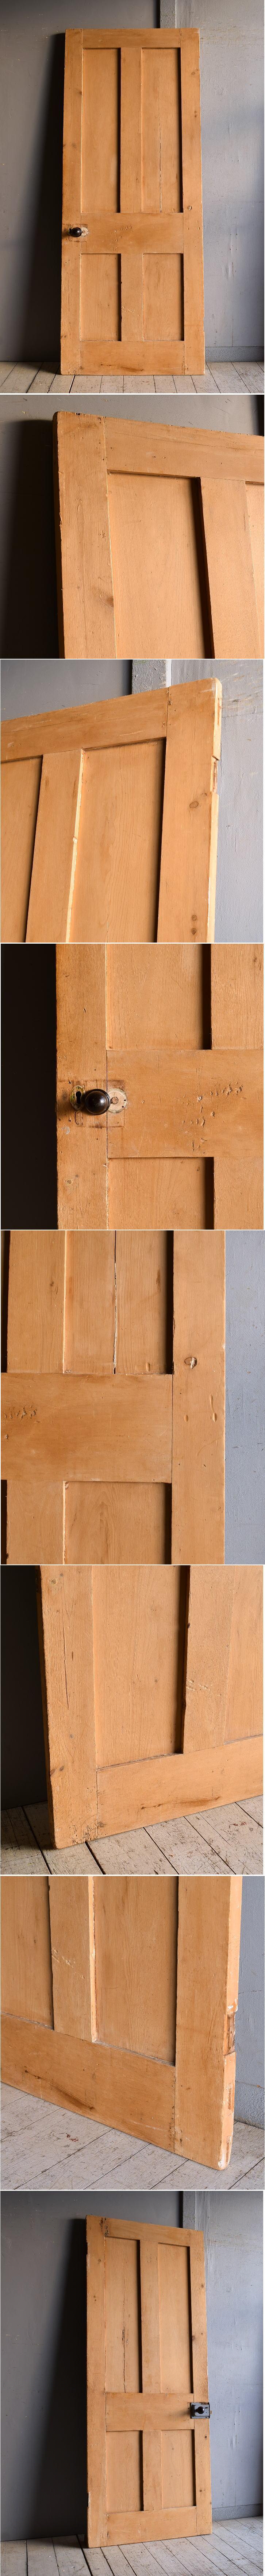 イギリス アンティーク パインドア 扉 建具 9300